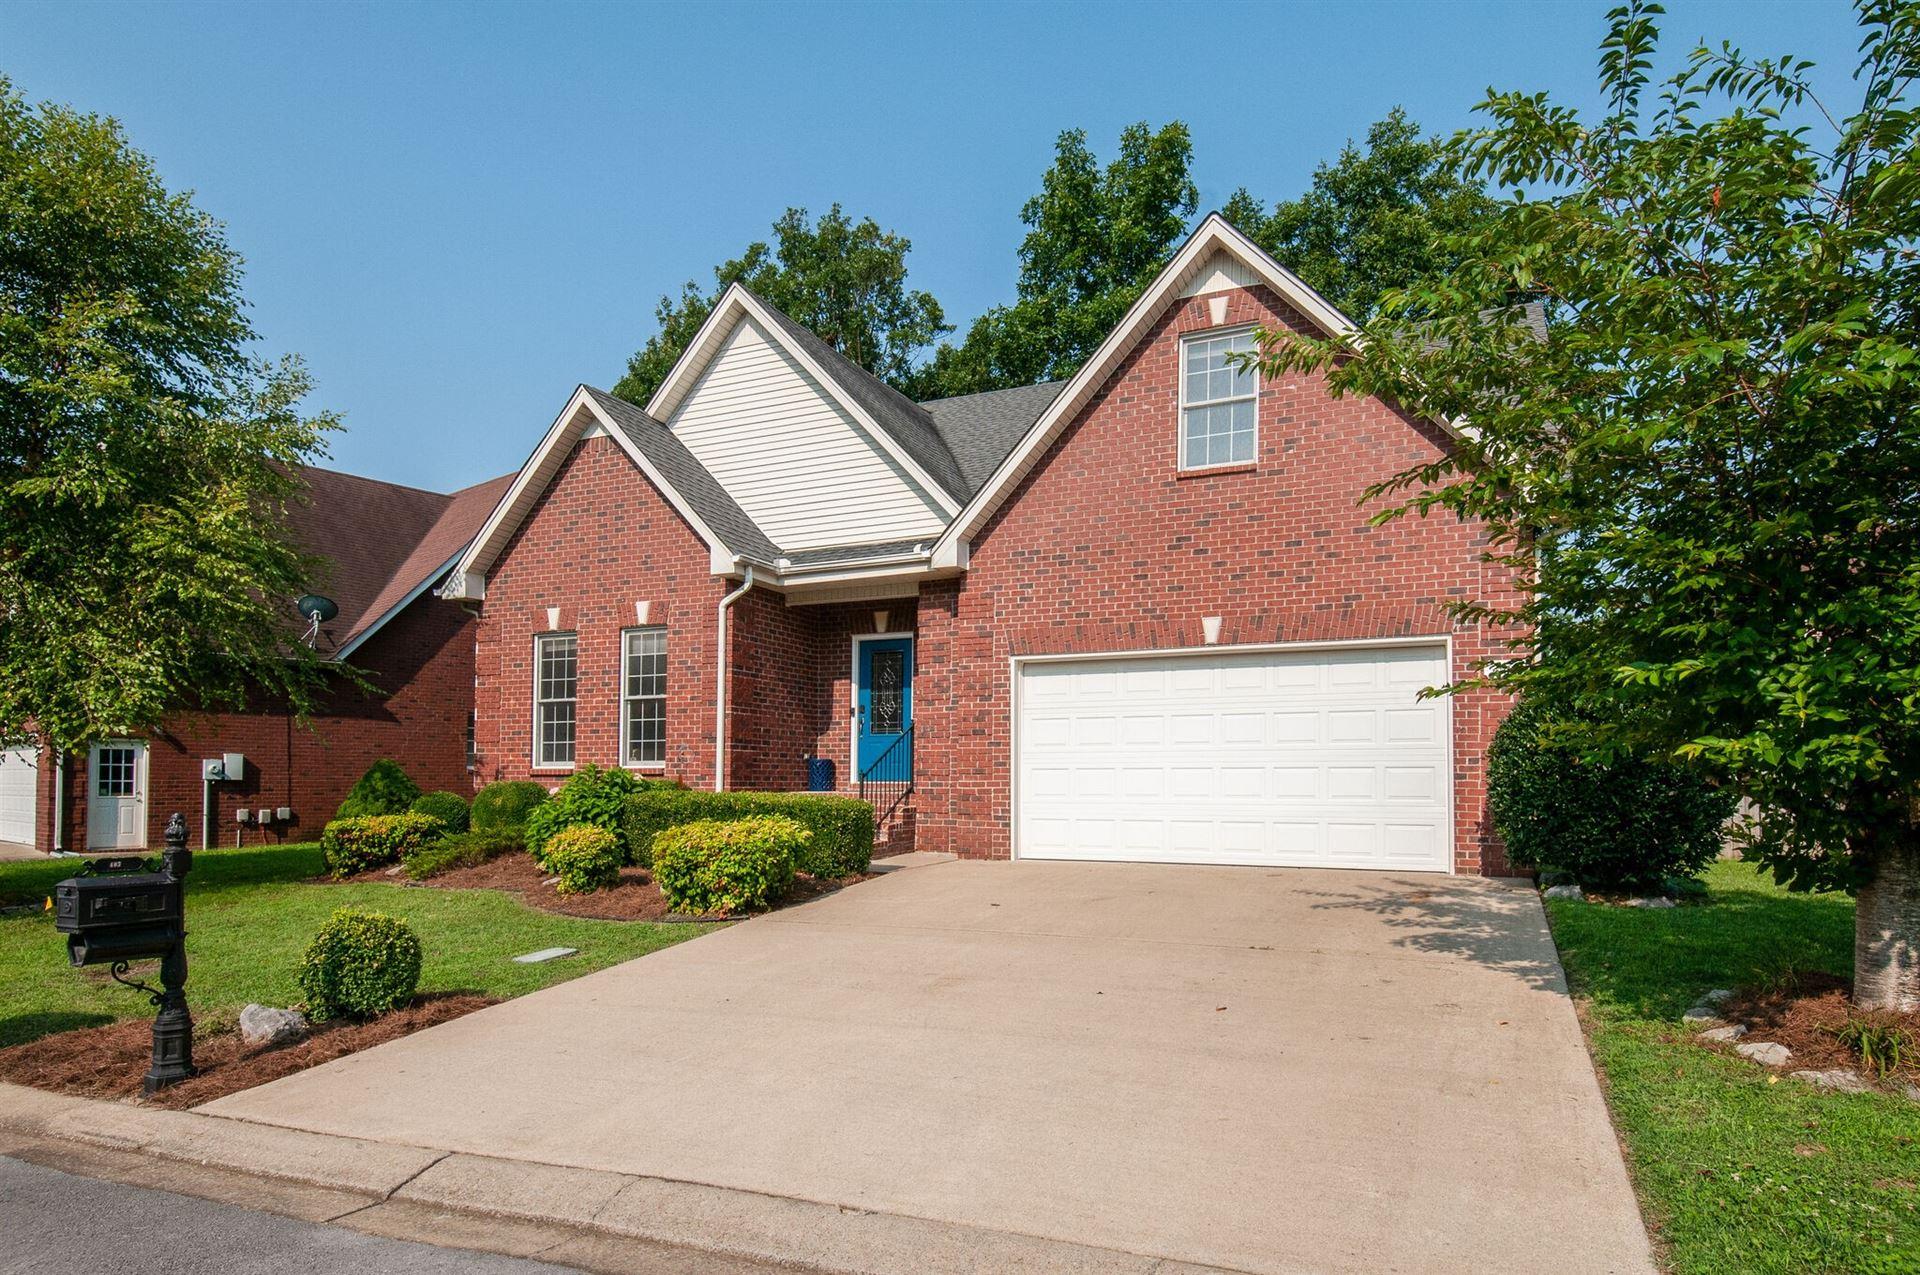 Photo of 407 Carmel Dr, Murfreesboro, TN 37128 (MLS # 2275671)